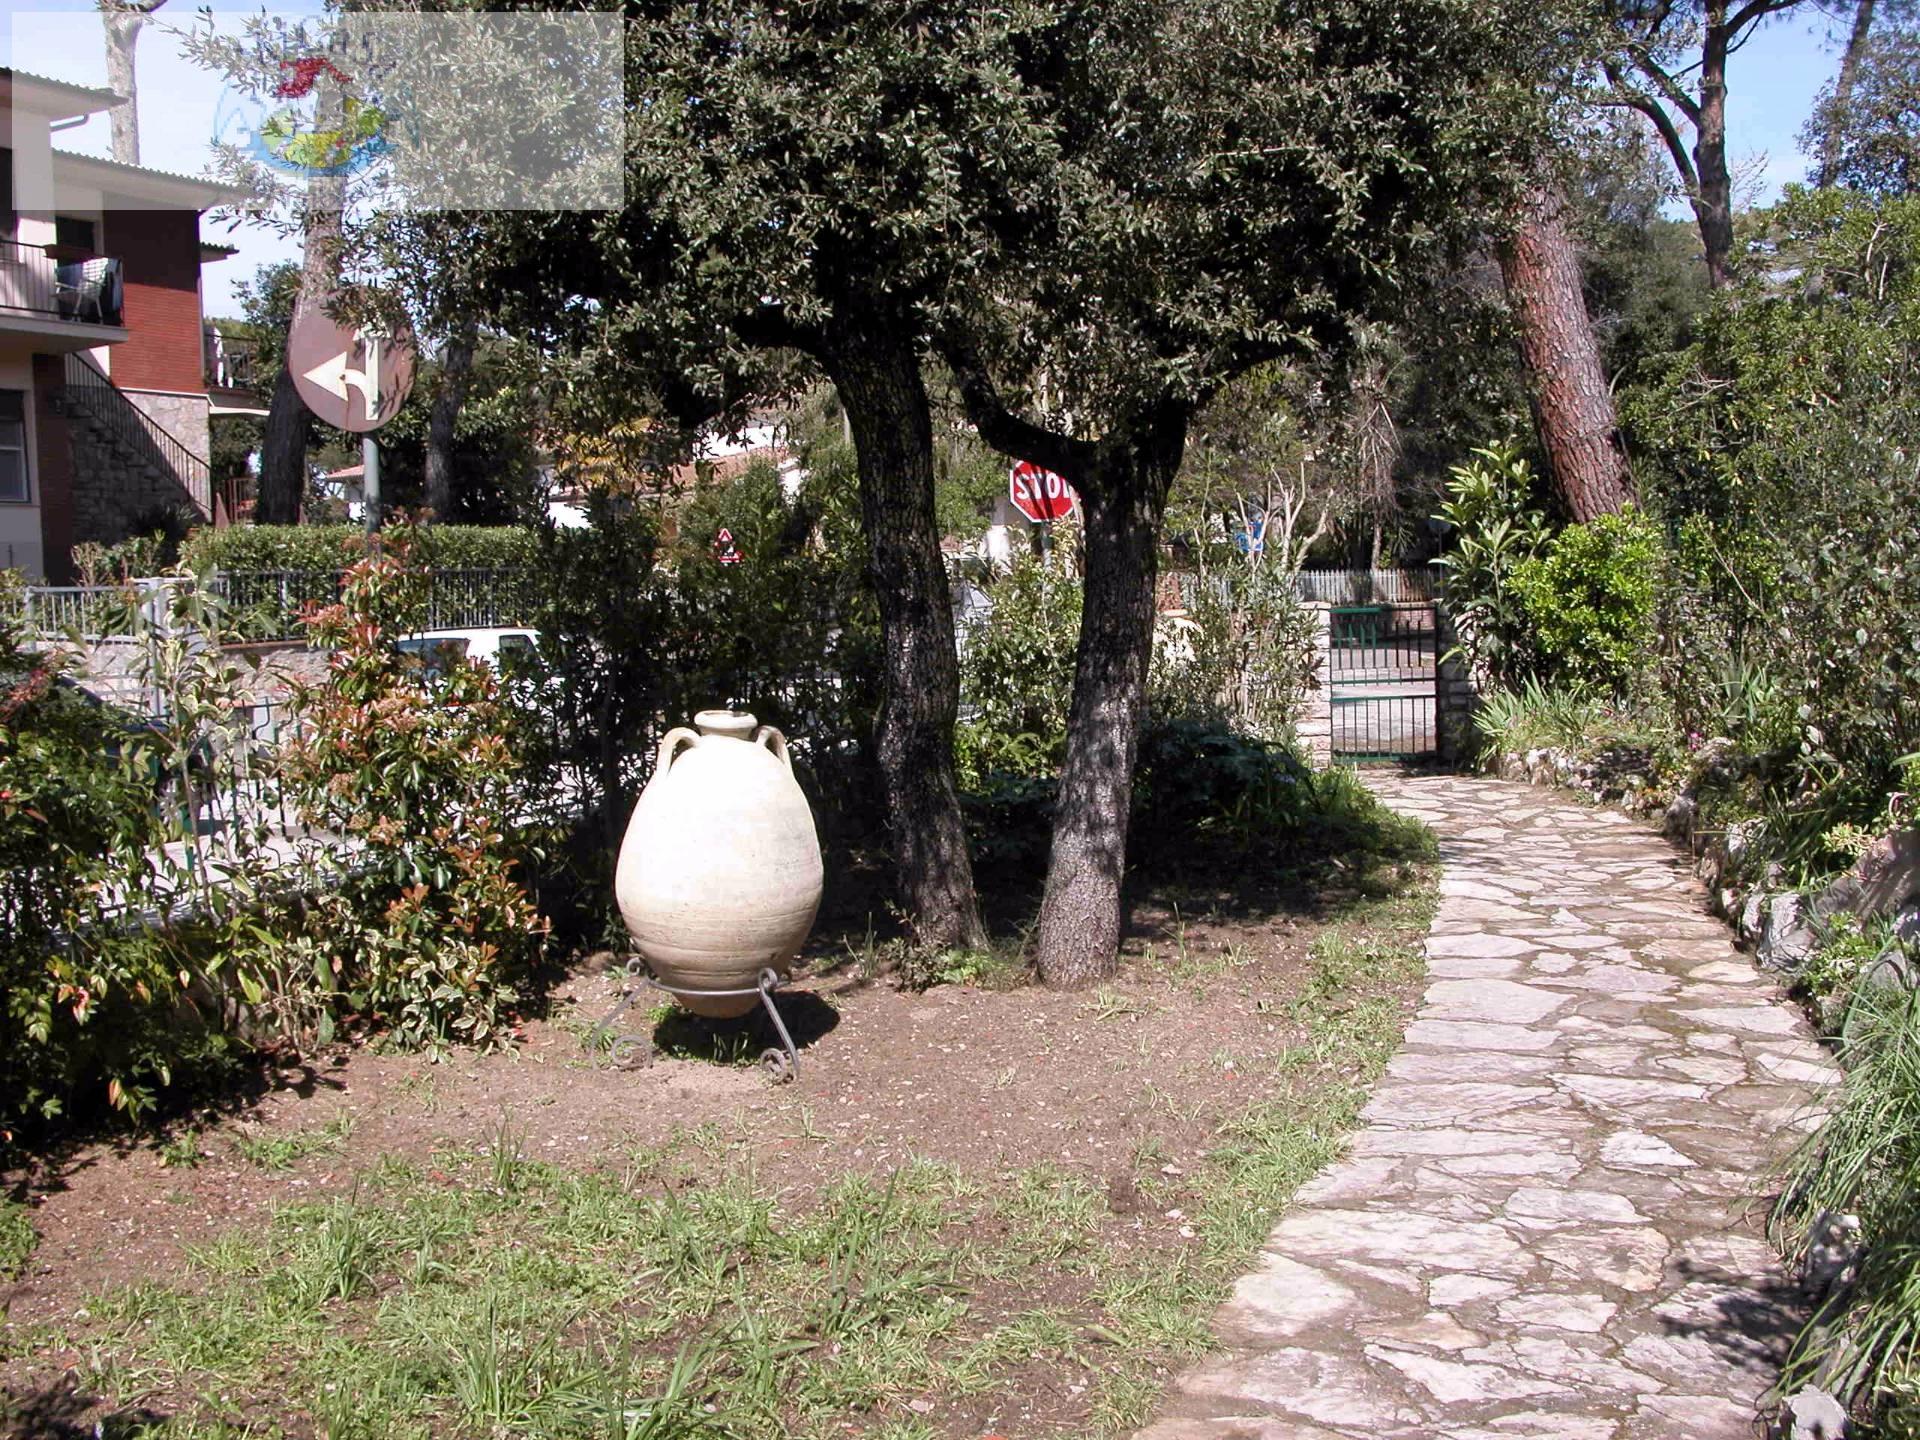 Villa in affitto a Pisa, 5 locali, zona Zona: Tirrenia, prezzo € 1.200 | Cambio Casa.it